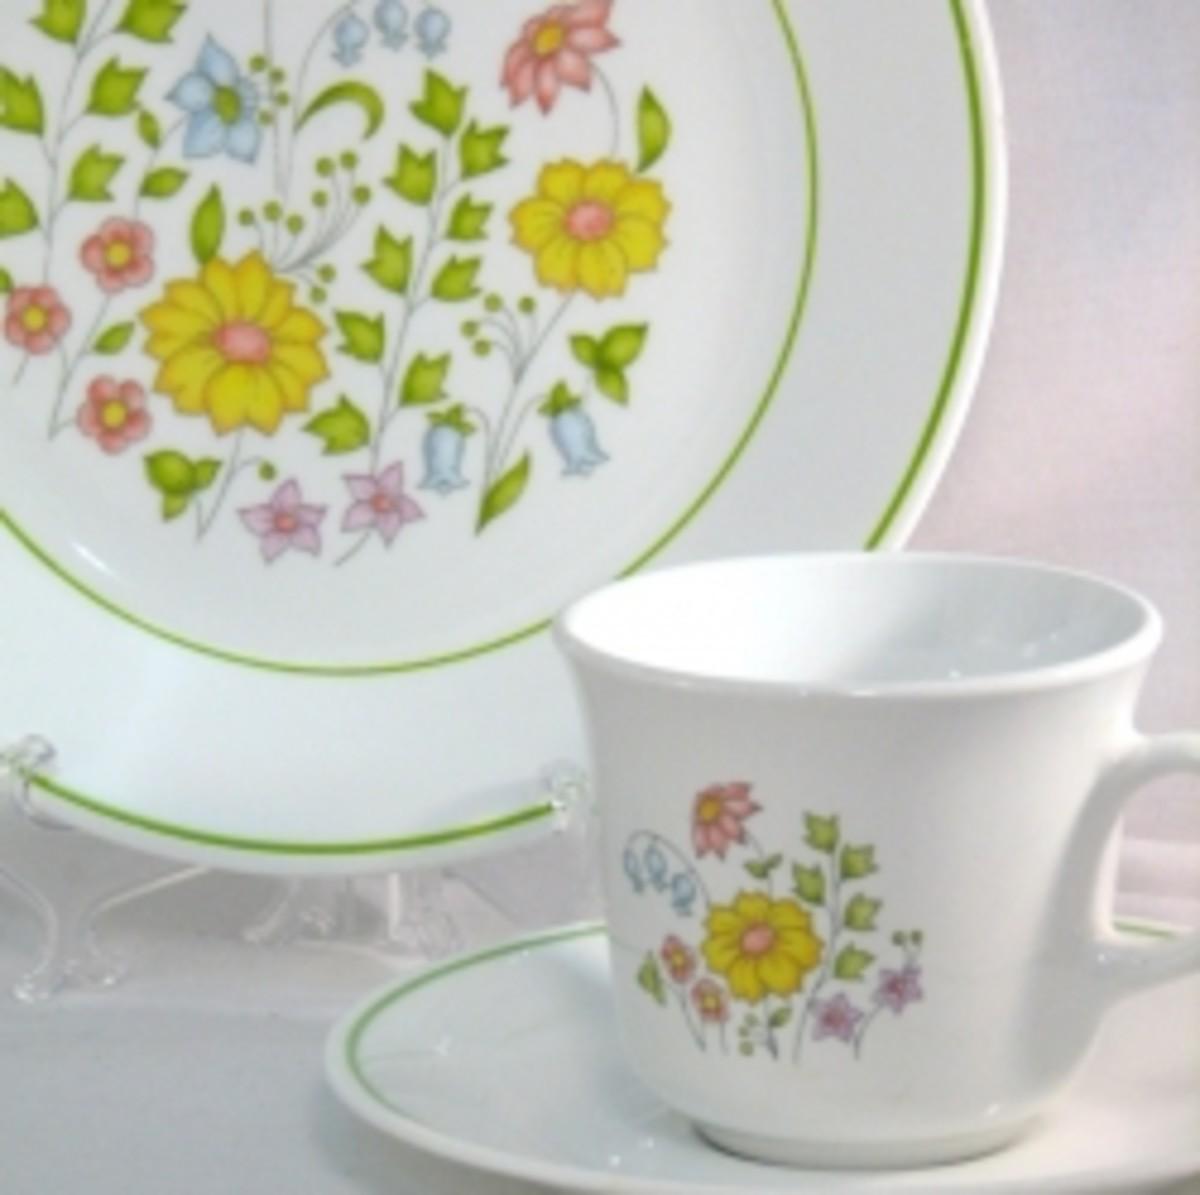 kimbesa-first-dinnerware